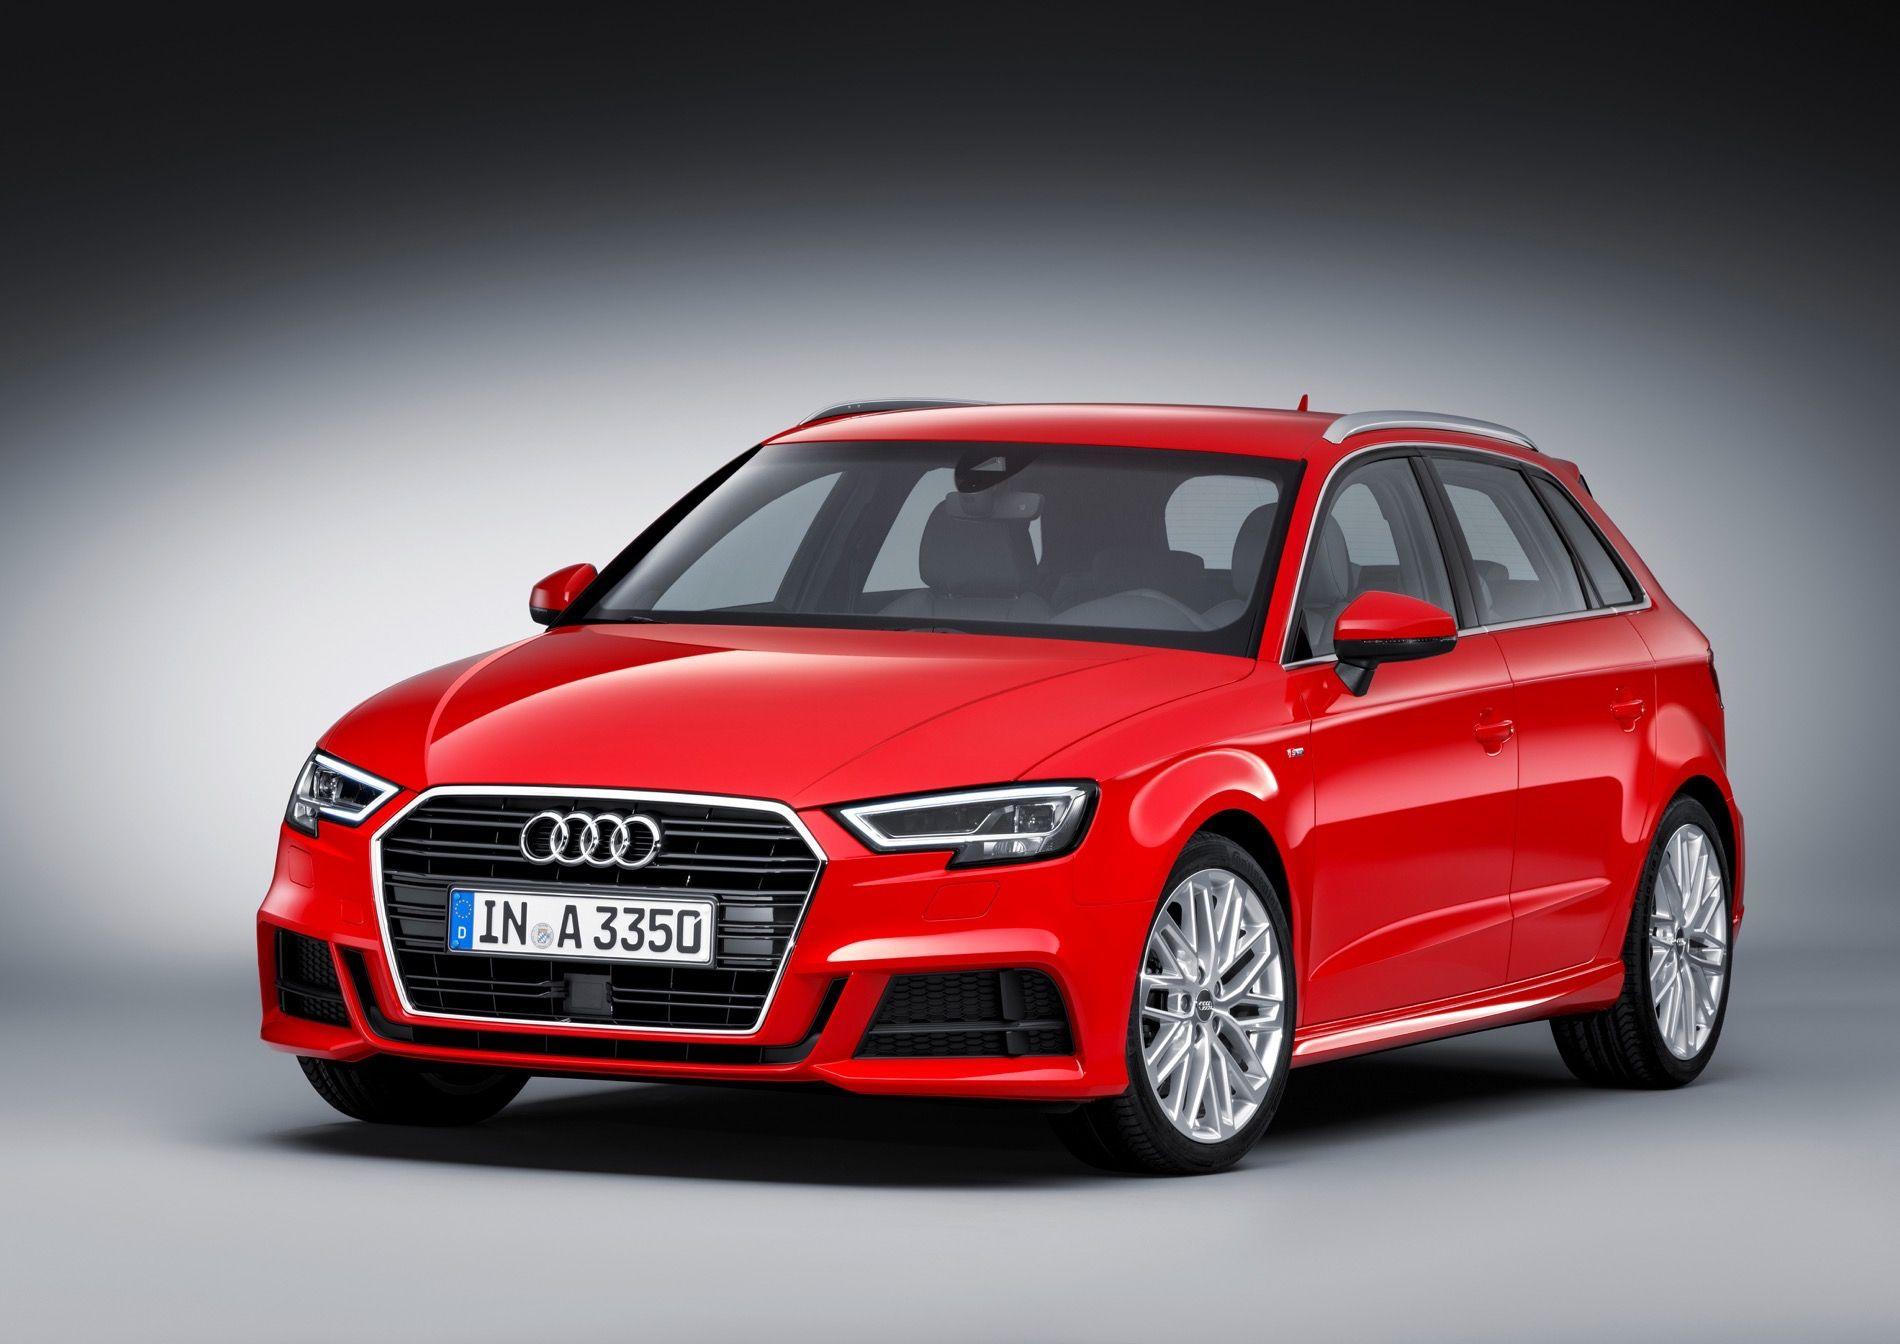 Audi A3 A1 Take Home Wins In Best Cars 2017 Competition Audi A3 Sportback Audi A3 Audi Cars